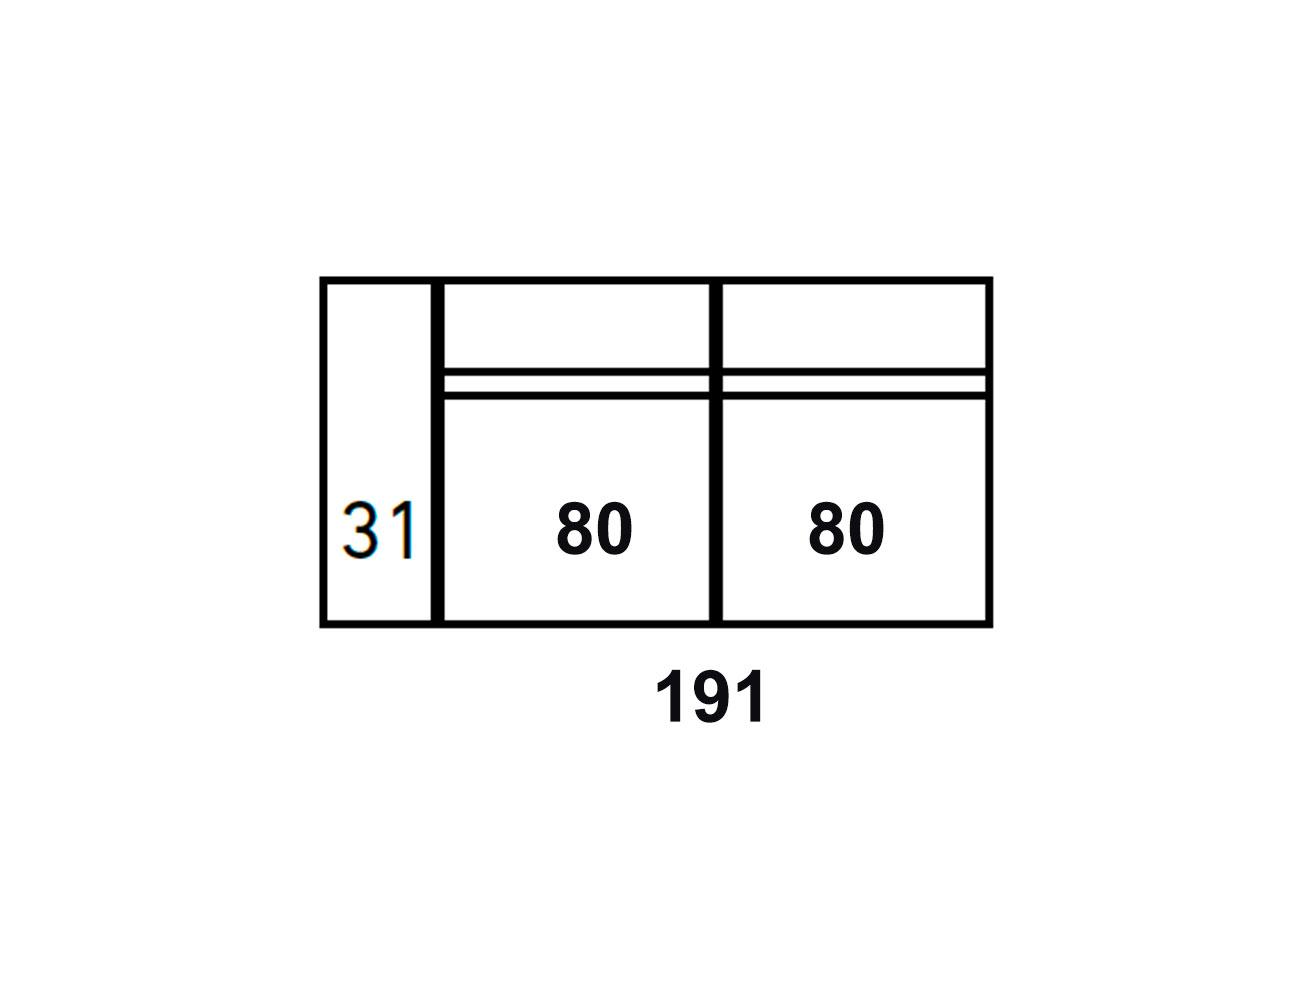 Modulo 3p 19111